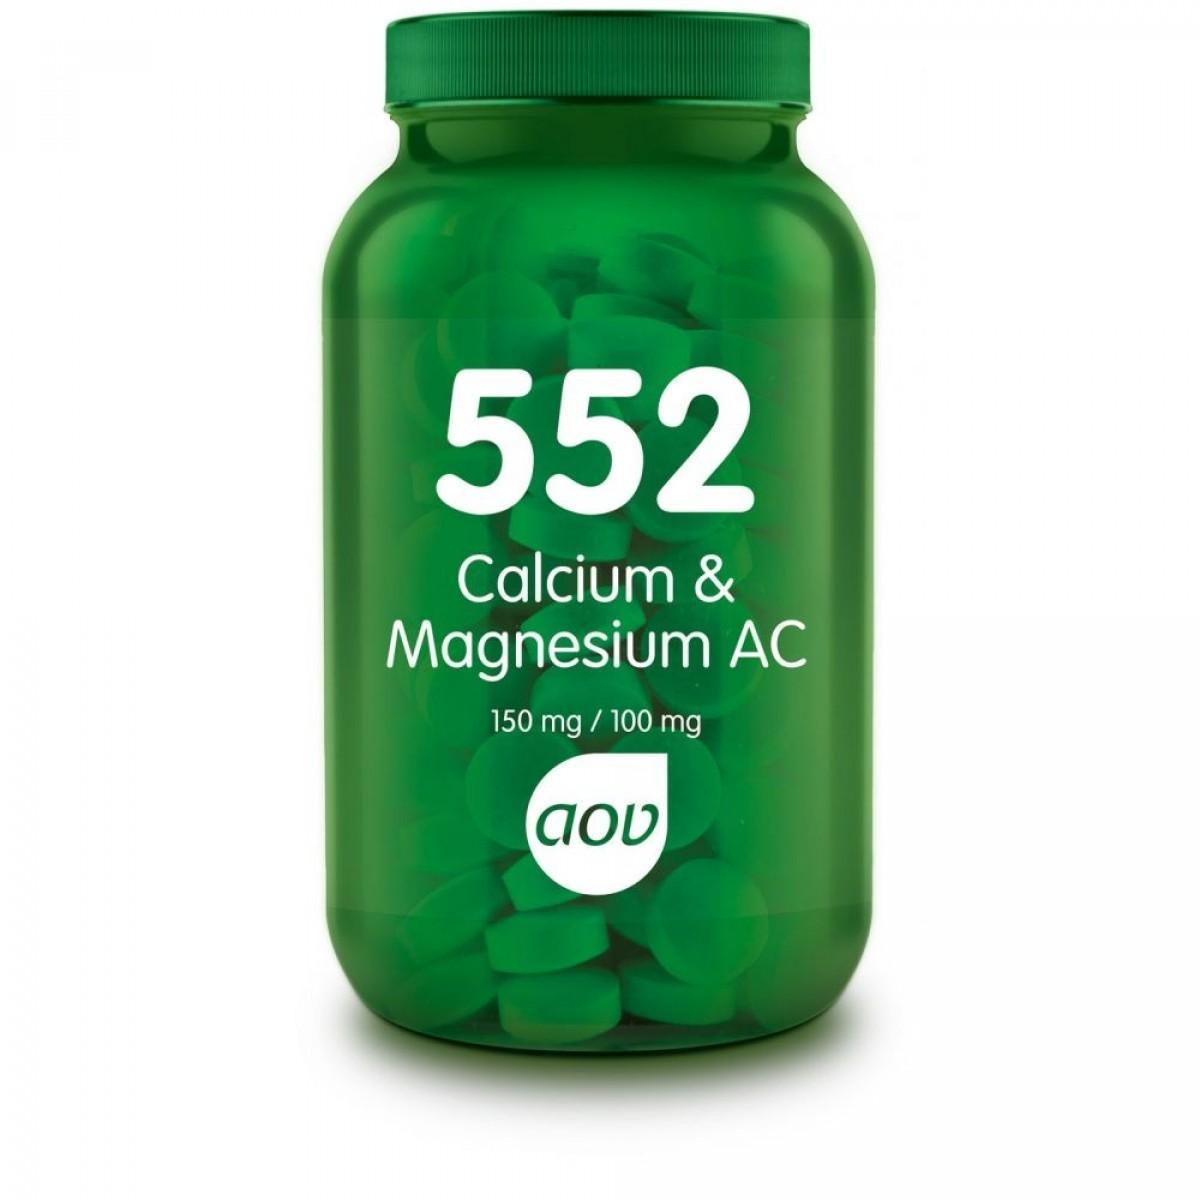 552 Calcium & Magnesium AC